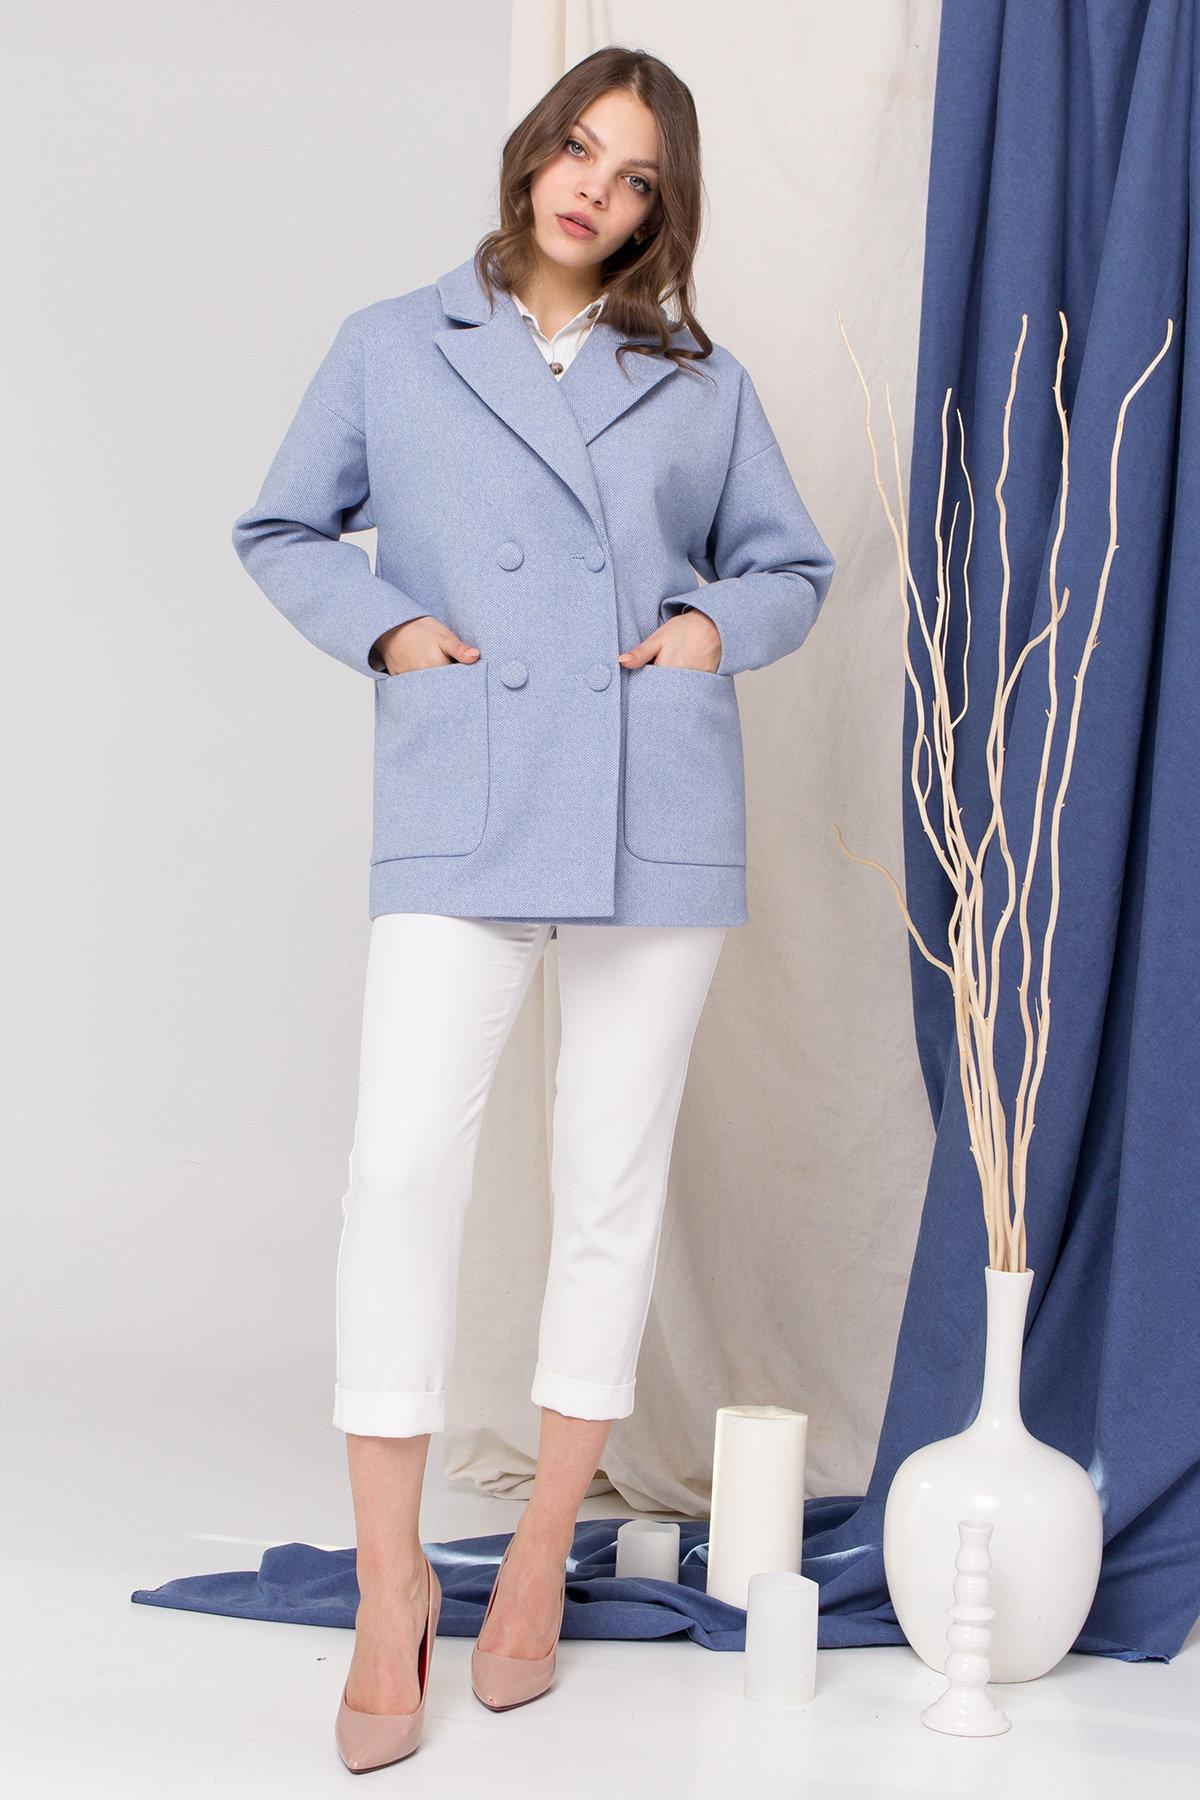 Пальто Мансера 8987 АРТ. 45304 Цвет: Голубой - фото 1, интернет магазин tm-modus.ru